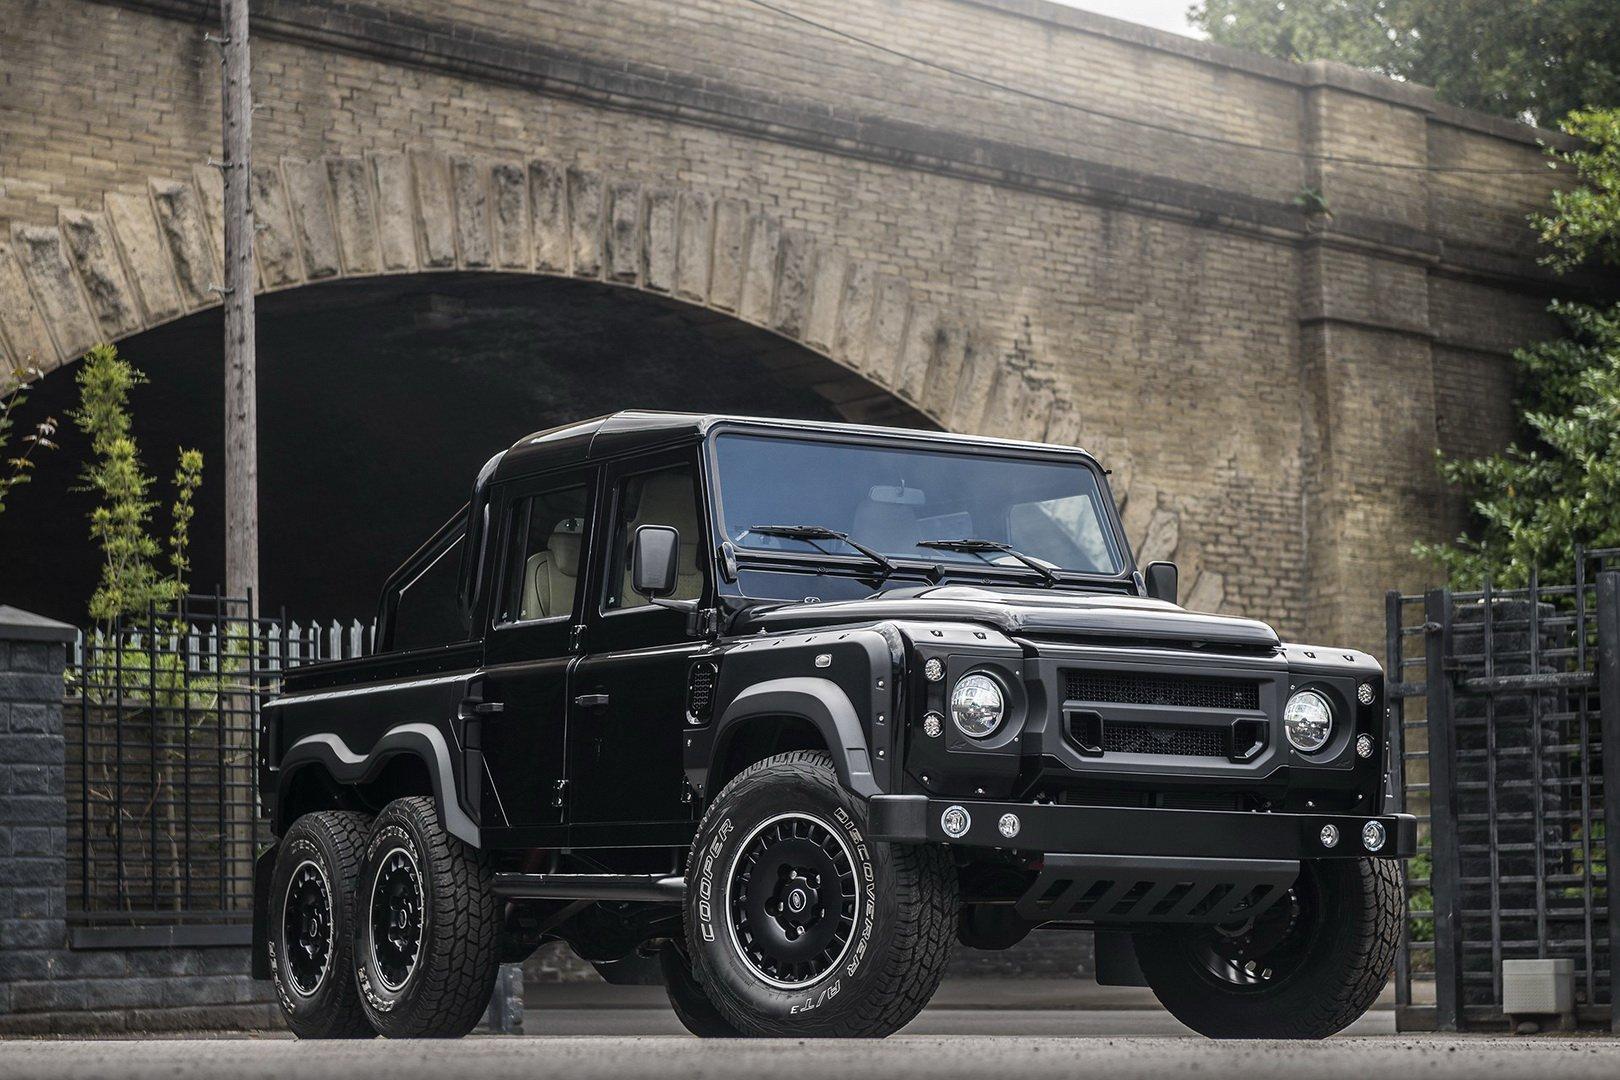 Land-Rover-Defender-Flying-Huntsman-6×6-7